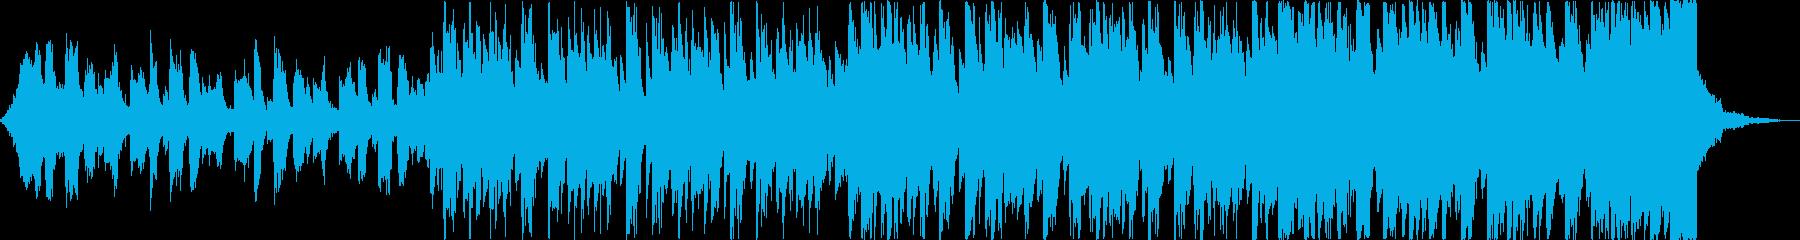 軽快清涼感クールEDMトロピカルハウスcの再生済みの波形